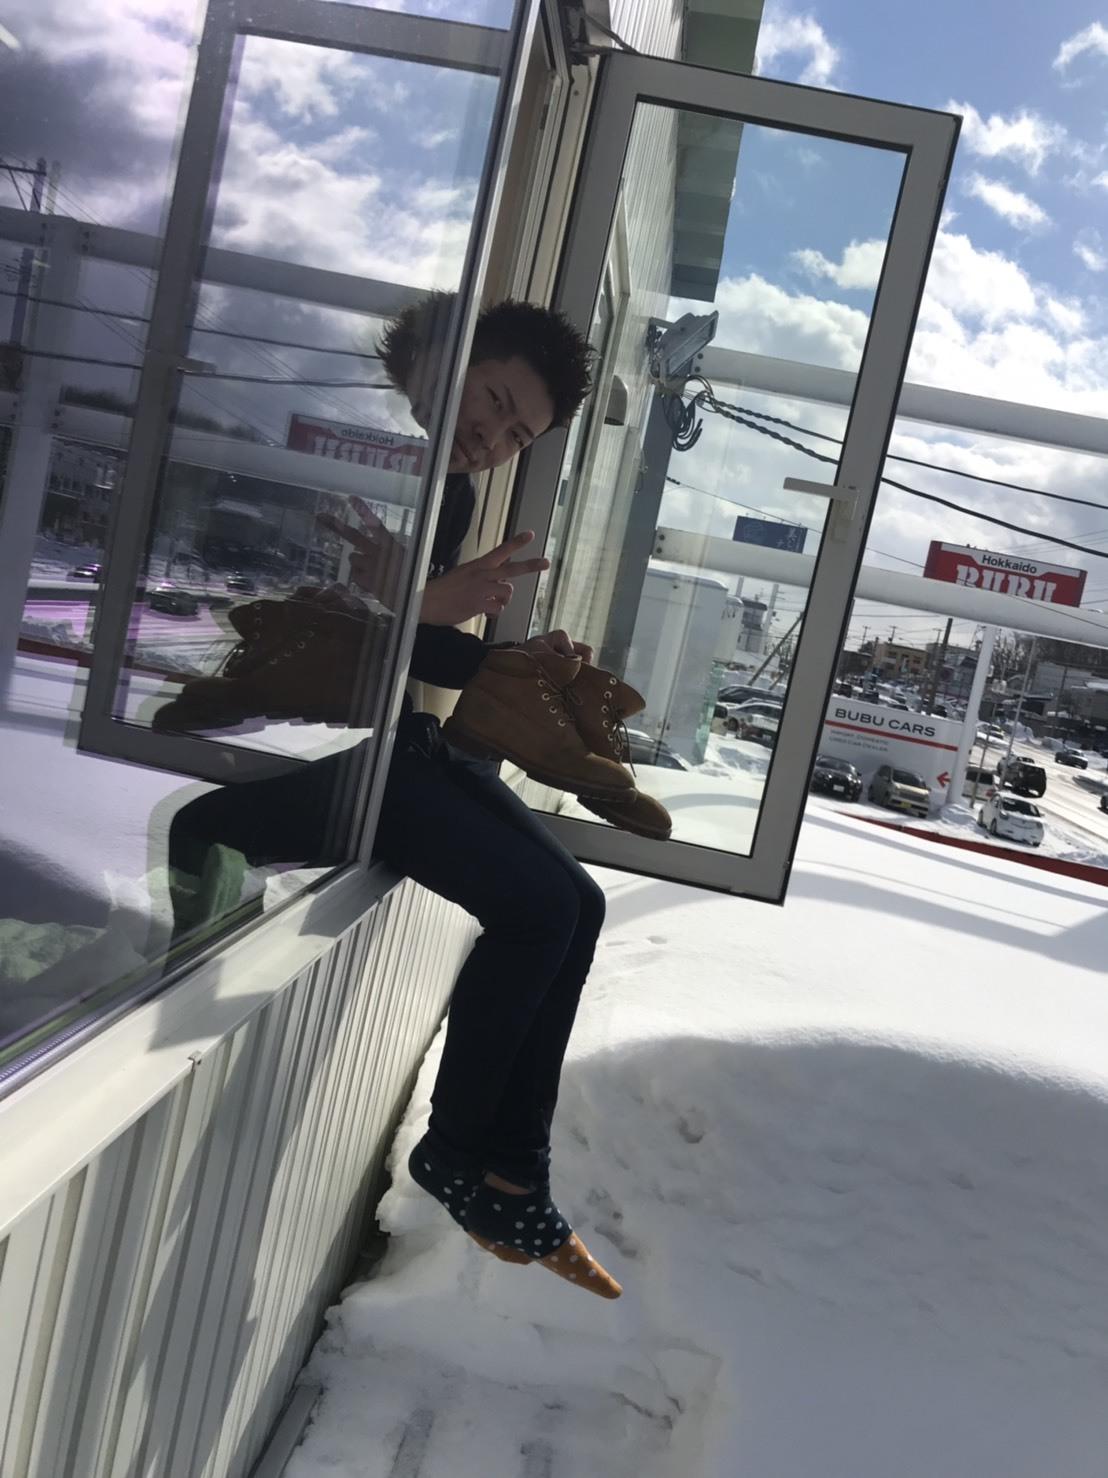 2/13(水)本店ブログ♪ タントカスタムRS 26000キロ♡ブラック♡ あります!! ランクル ハマー アルファード_b0127002_18345169.jpg